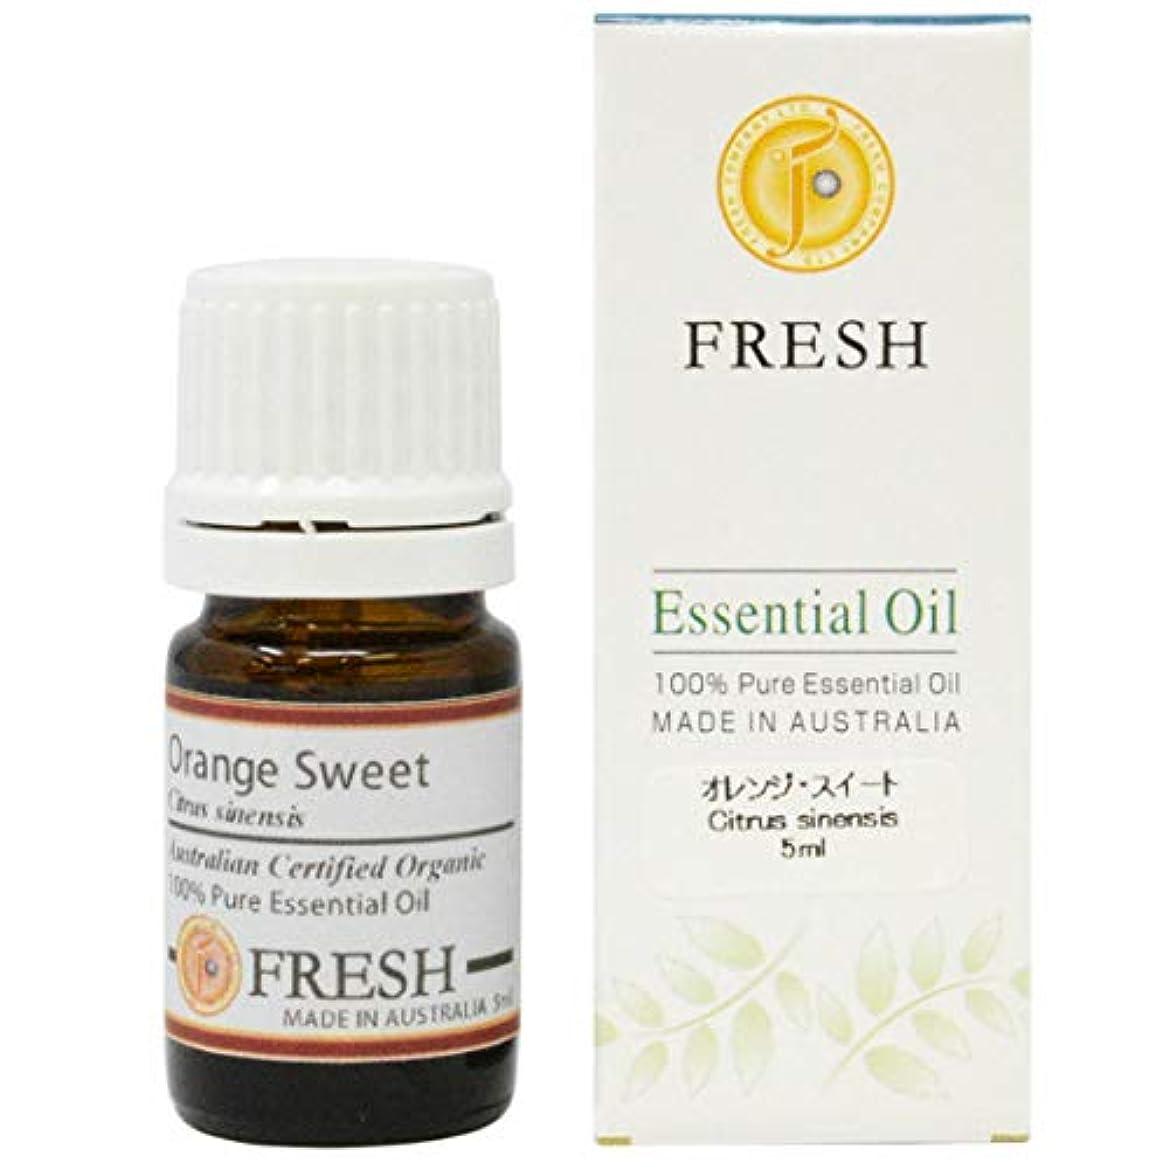 添加剤破壊するバックアップFRESH オーガニック エッセンシャルオイル オレンジ?スイート 5ml (FRESH 精油)